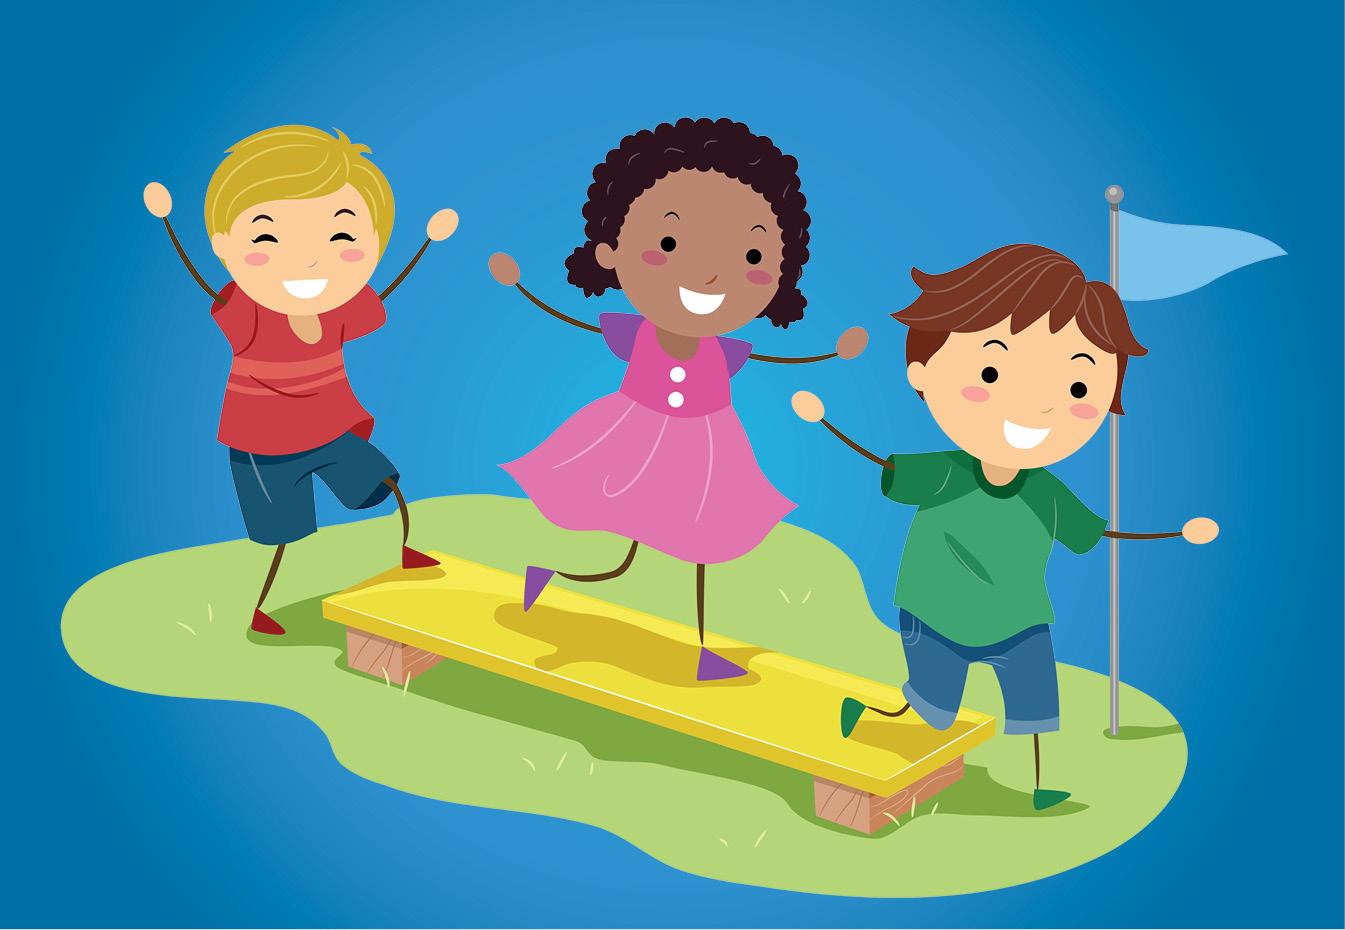 Des Ateliers Motricité Pour Les Tout Petits - Enfance Et à Jeux Pour Petit De 4 Ans